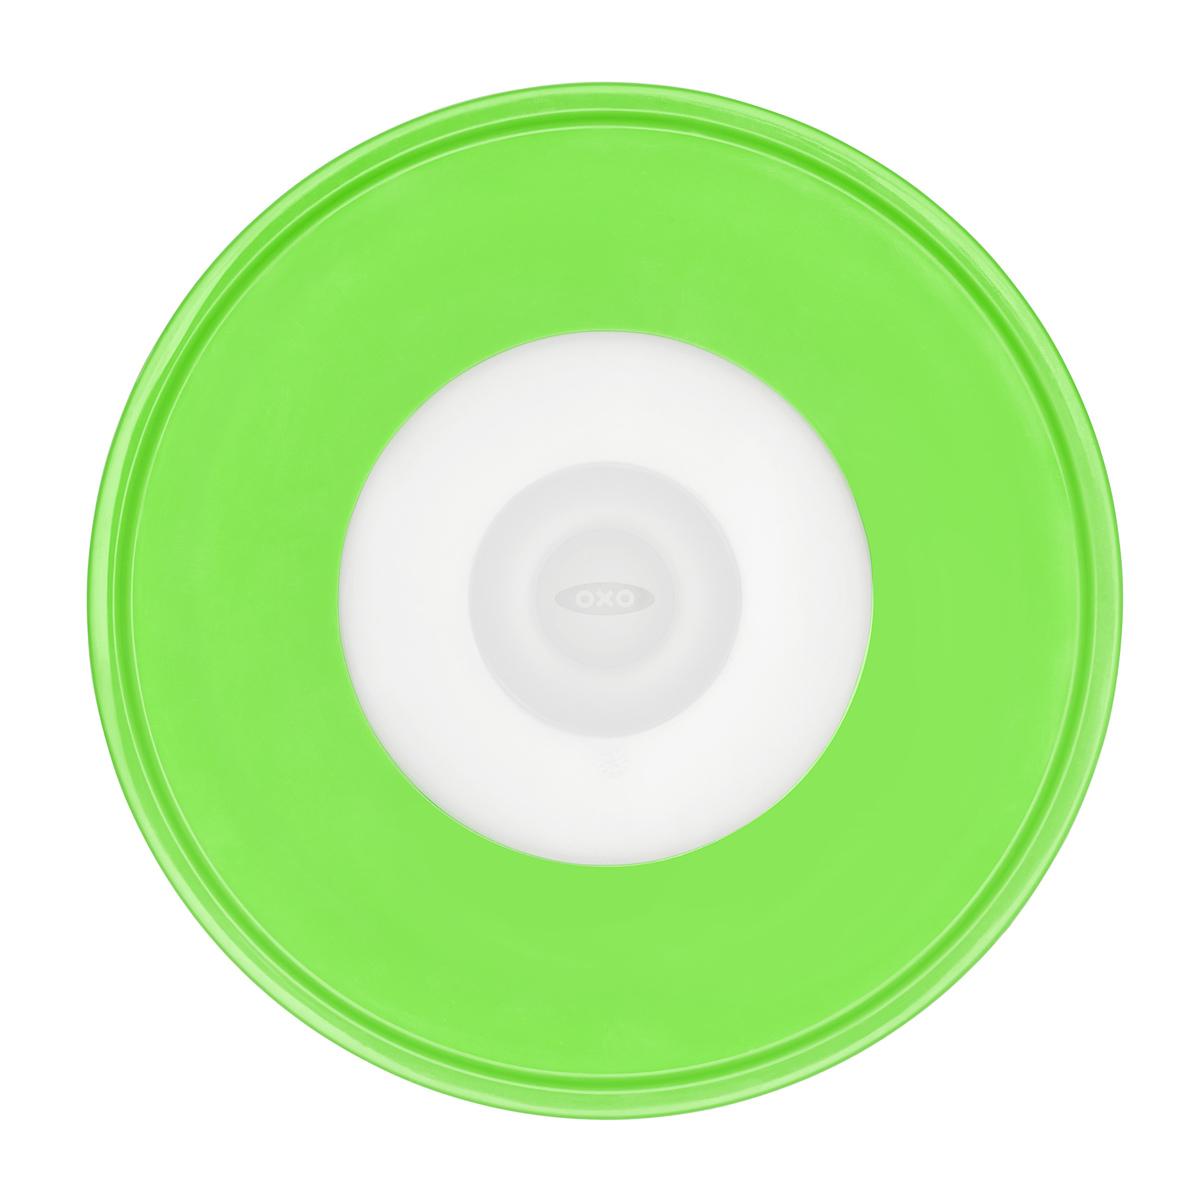 Онлайн каталог PROMENU: Крышка силиконовая средняя OXO FOOD STORAGE, диаметр 20,3 см, зеленый                               11242400